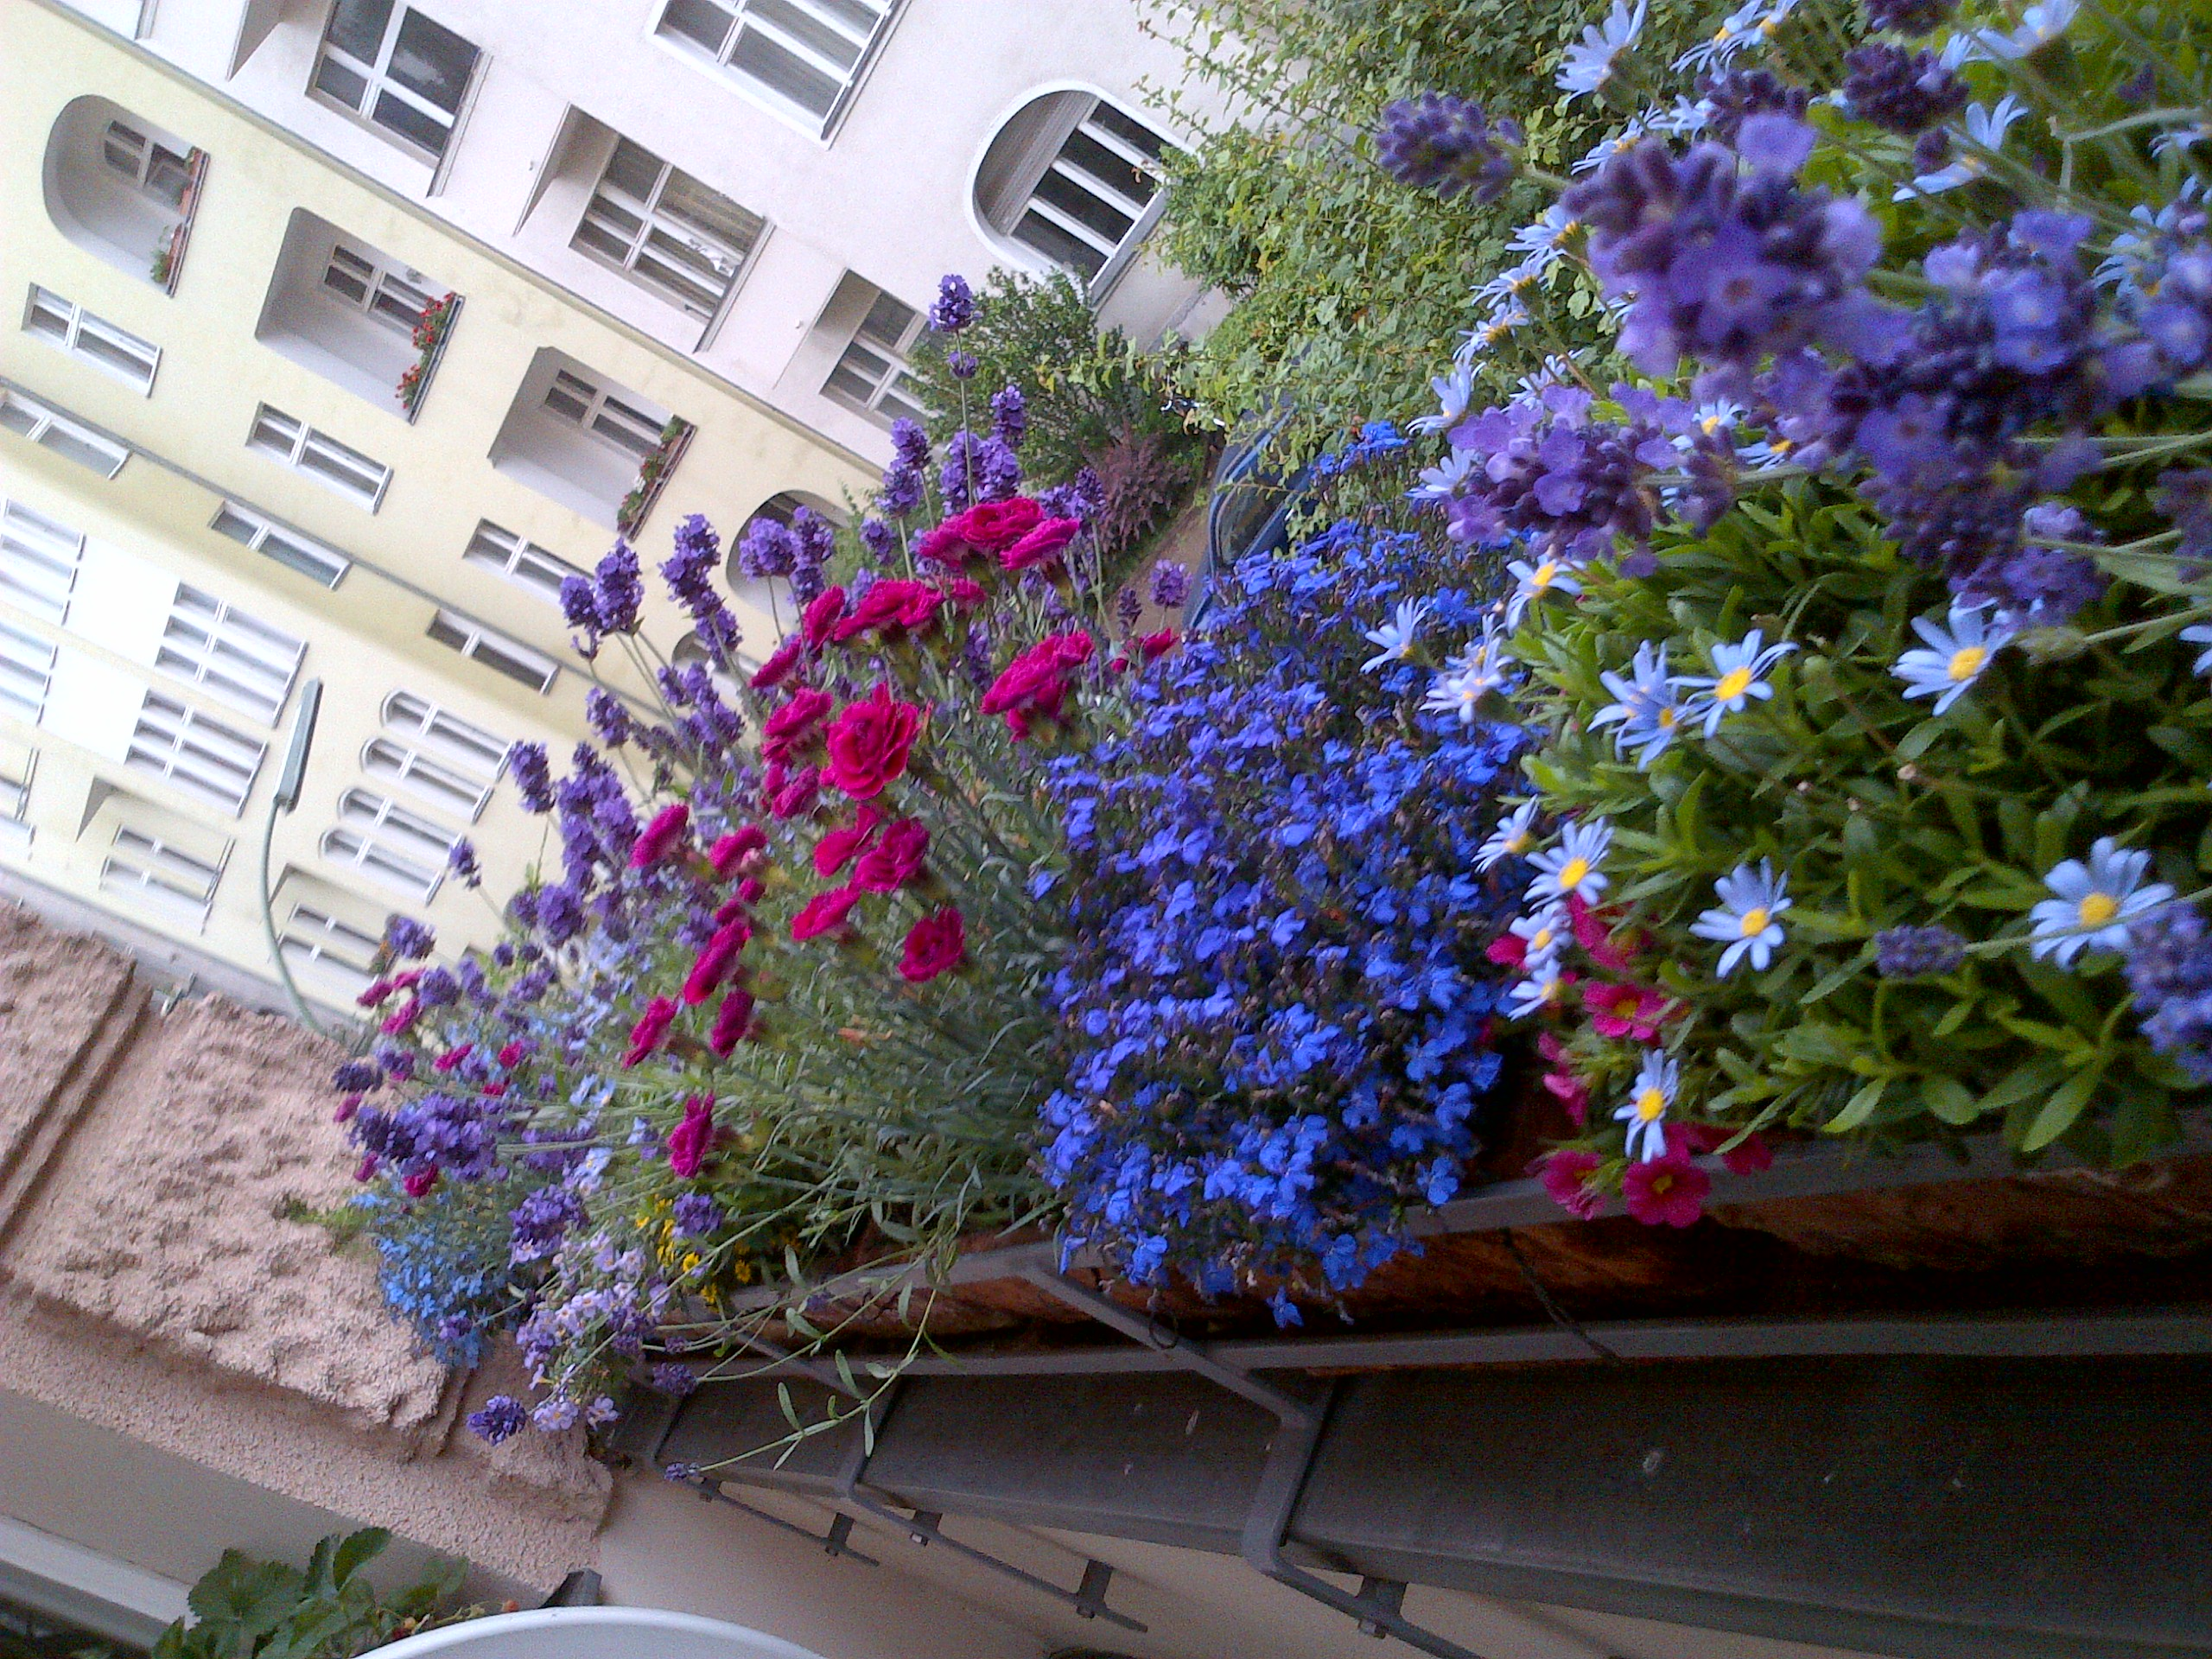 Piccola guida di giardinaggio per competere con i balconi berlinesi ...